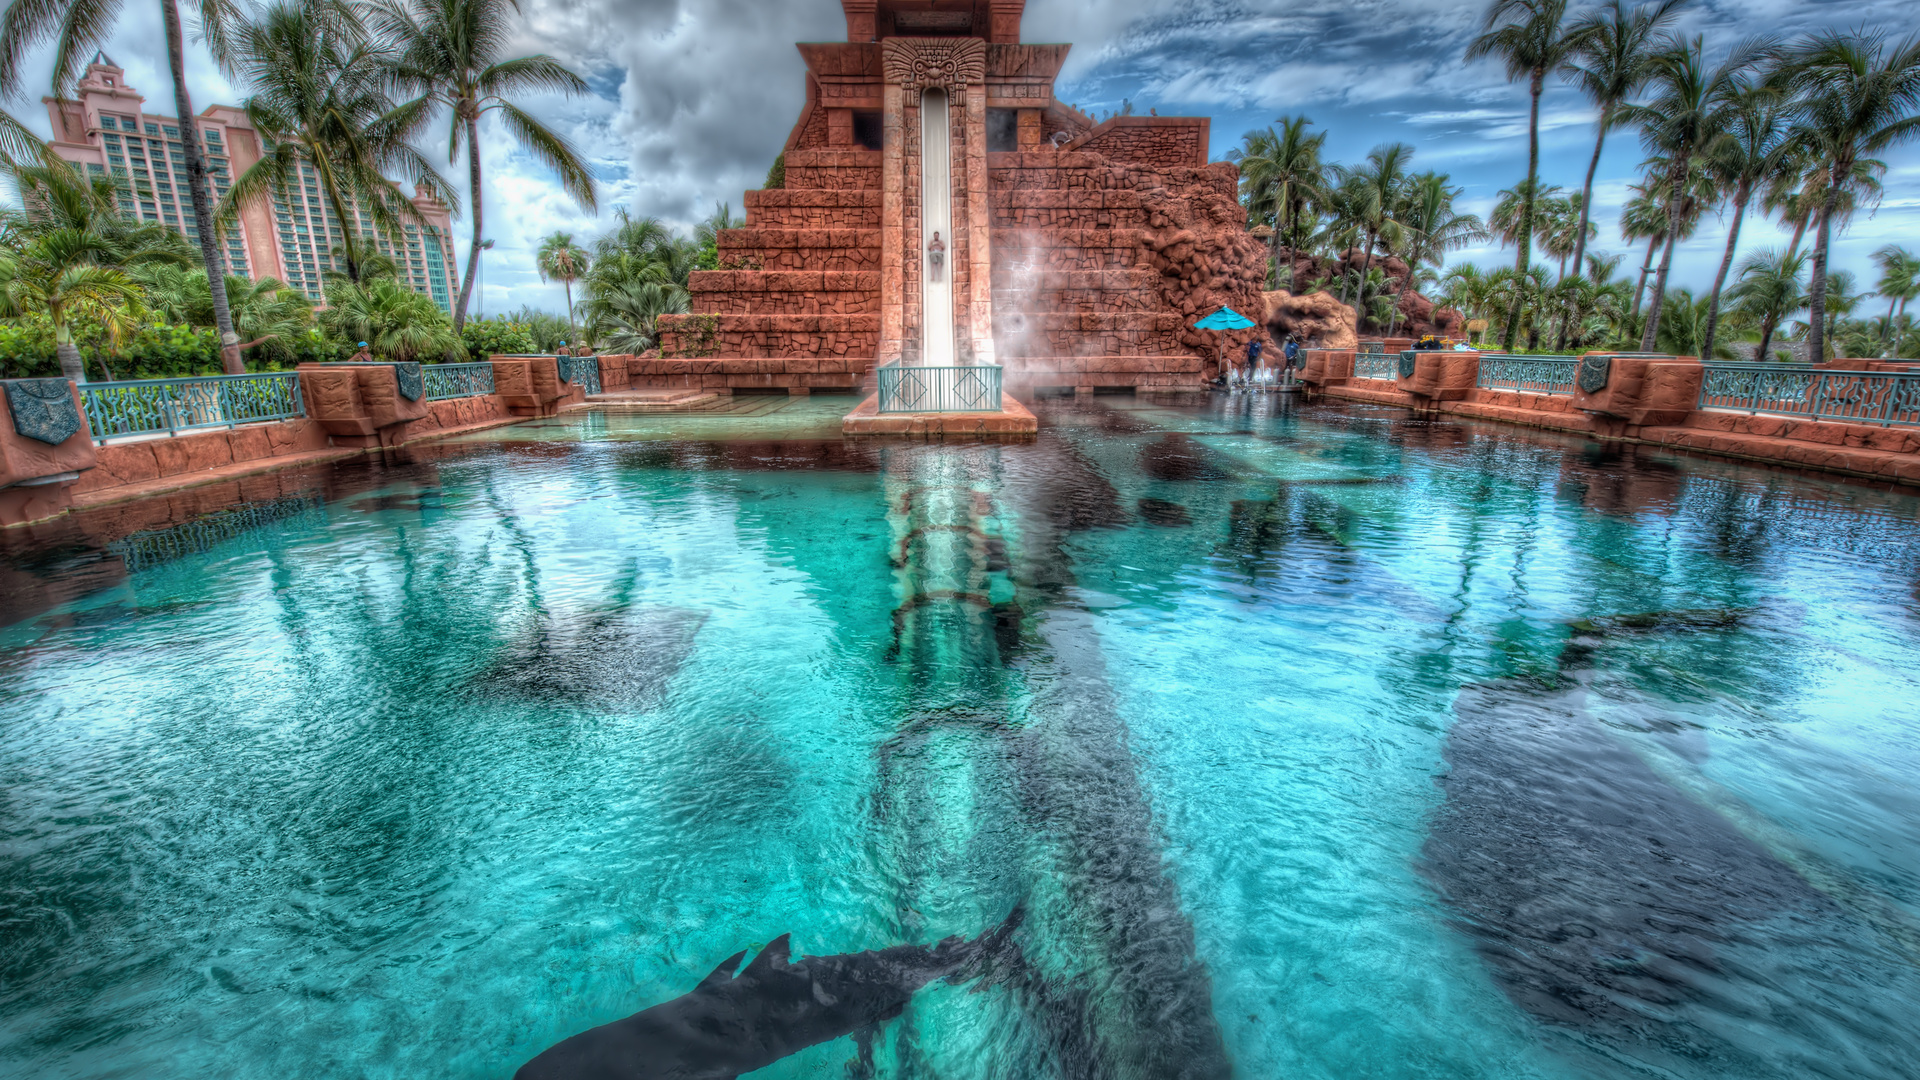 пальмы, багамские острова, нассау, bahamas, Nassau, atlantis hotel